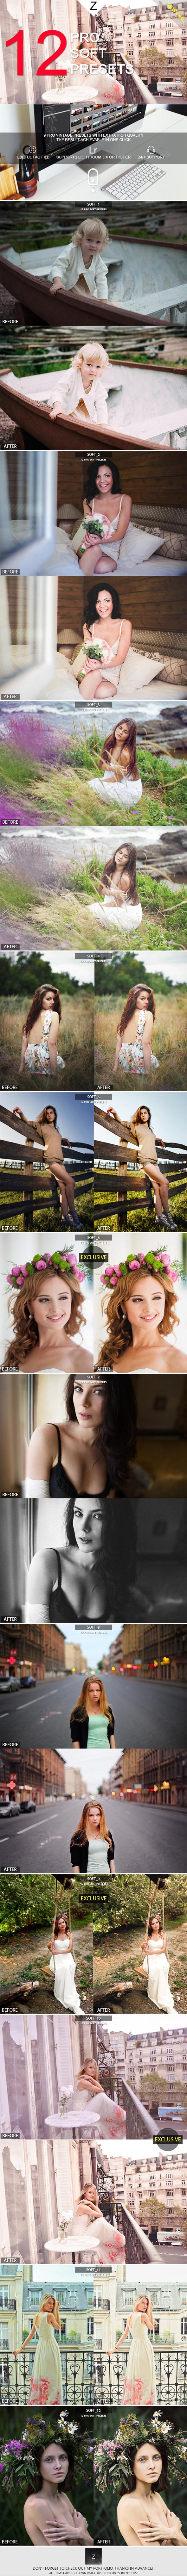 GraphicRiver 12 Pro Soft Presets 10142953